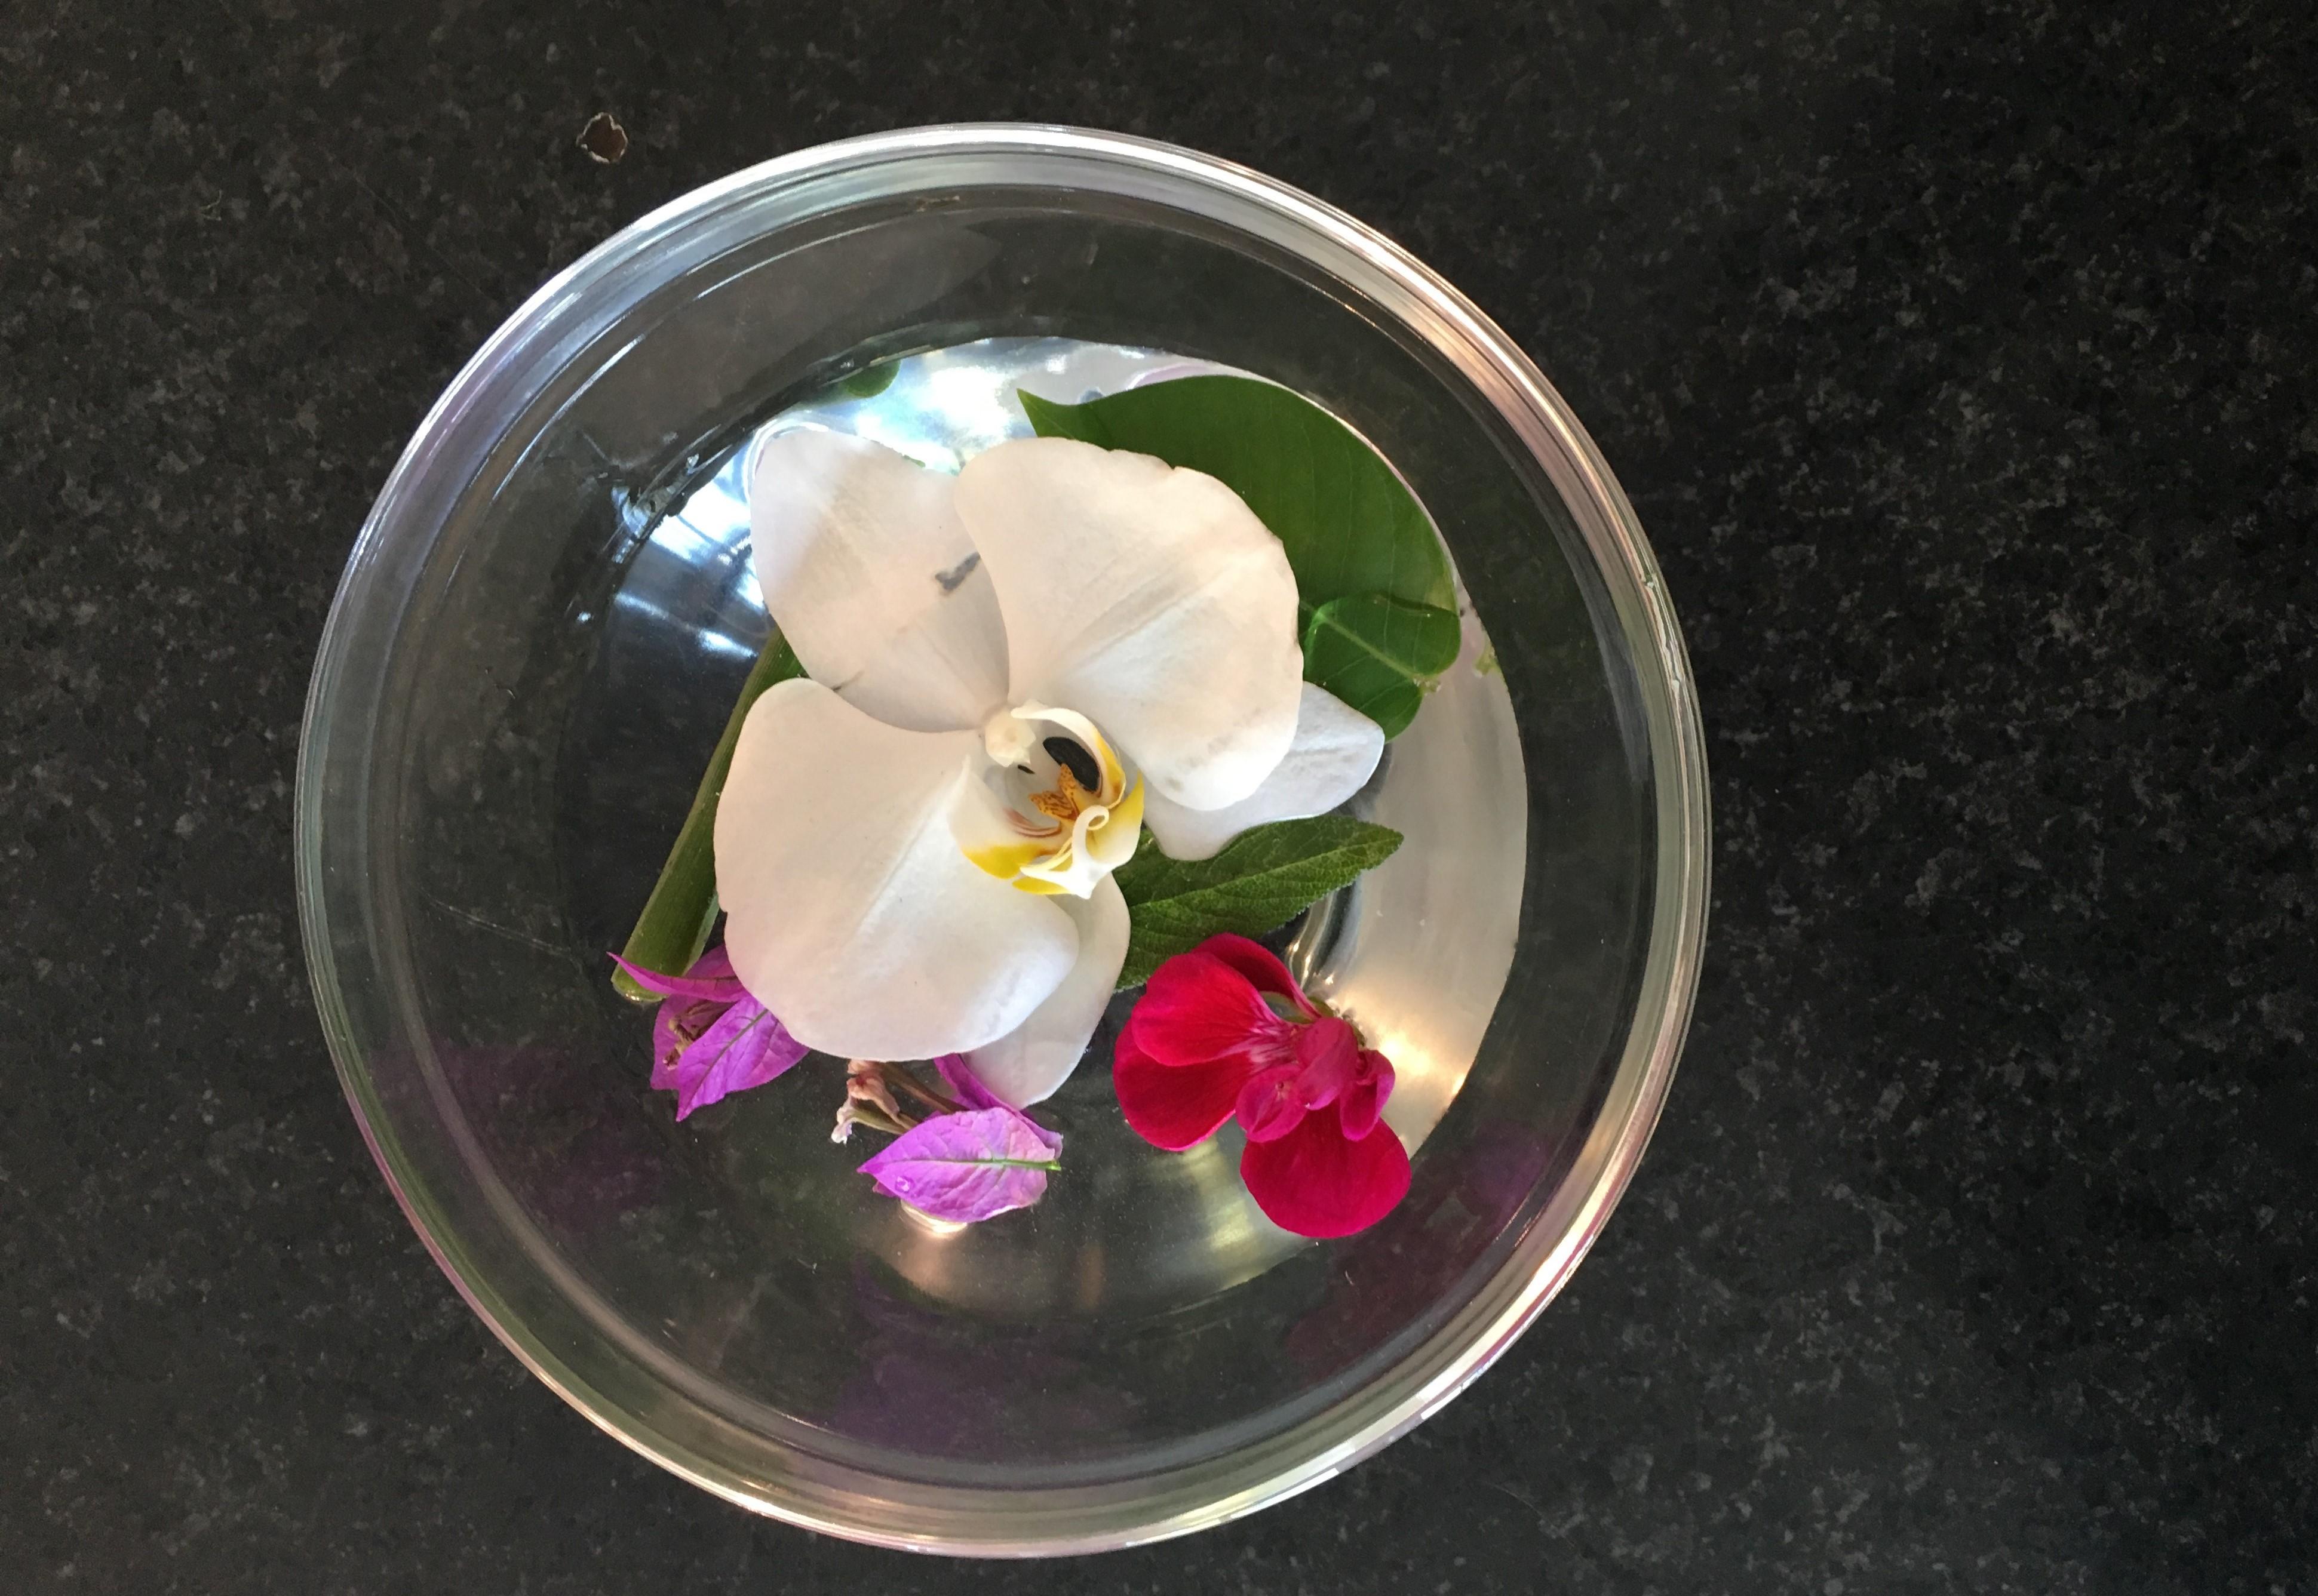 Idee Per Vasi Da Fiori fiori in tavola: consigli e idee per i ristoratori | la rassegna